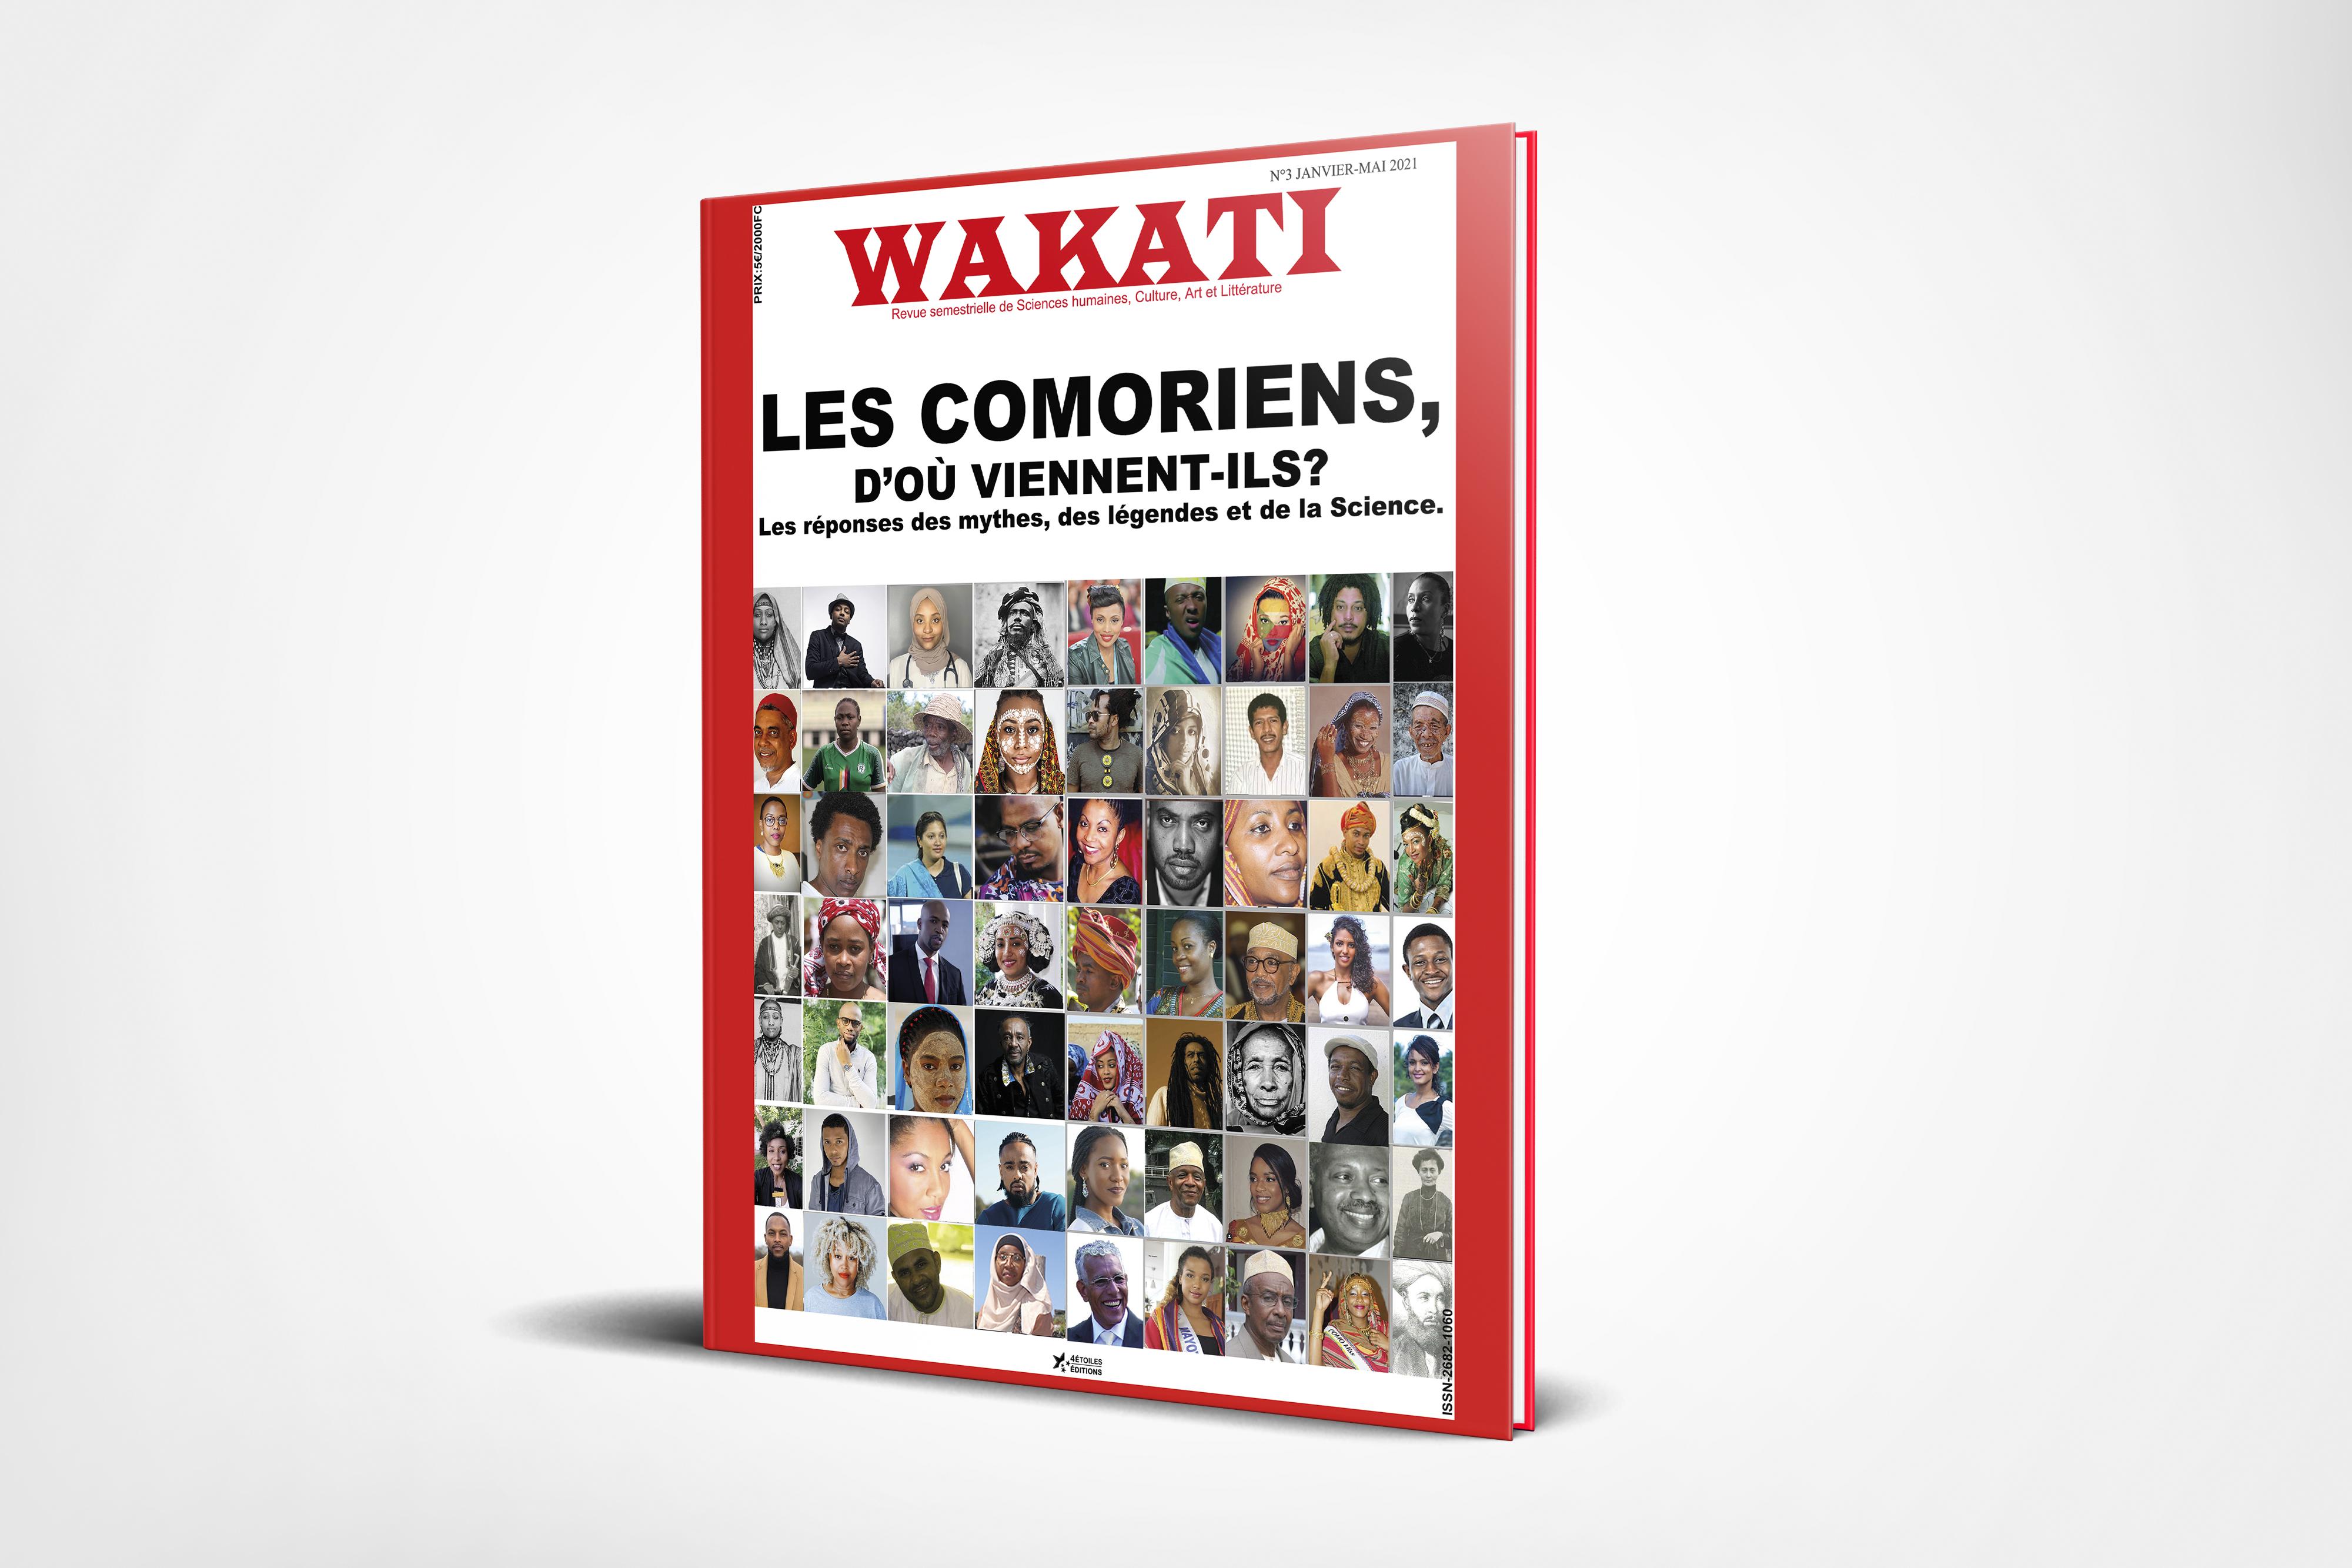 Les Comoriens d'où viennent-ils?